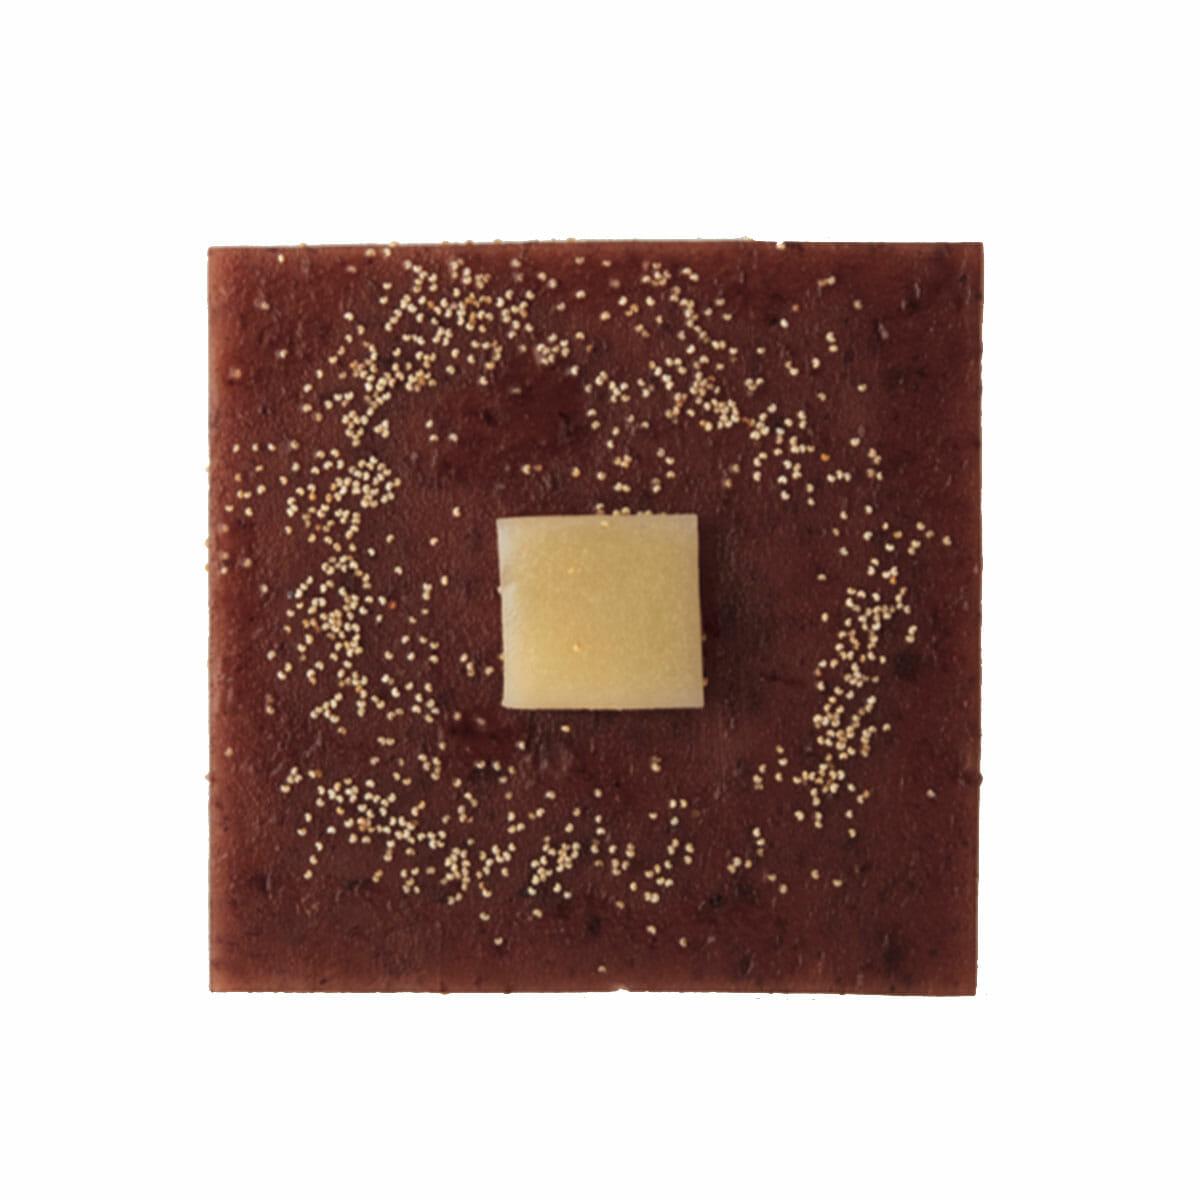 最高級丹波大納言小豆が風味豊か。沖縄の塩を効かせたバター羊羹はミルキー。